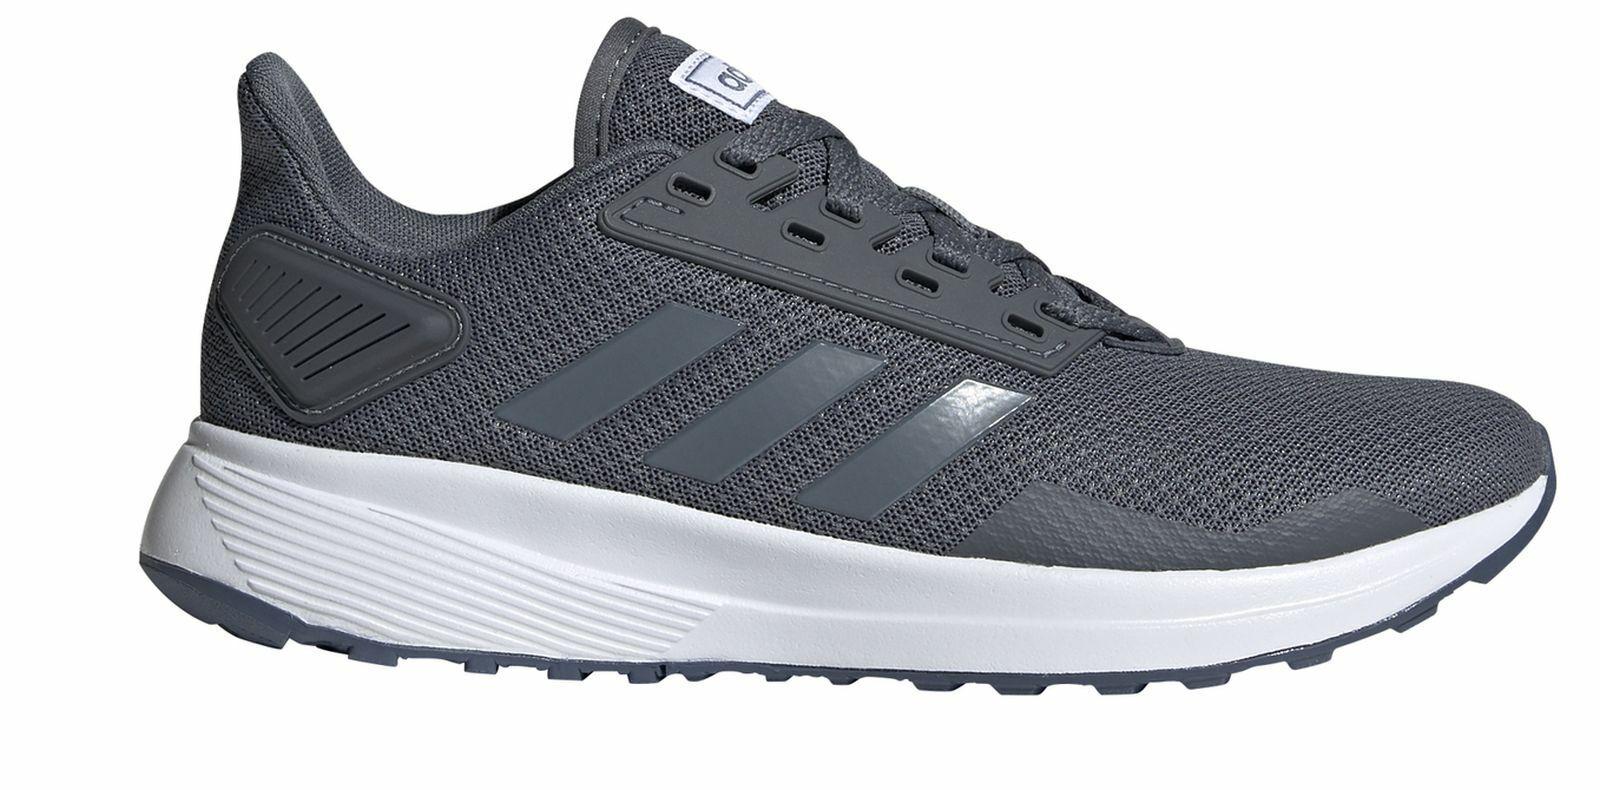 Adidas Performance DaSie Freizeit-Lauf-Schuhe Laufen Duramo 9 Turnschuhe grau